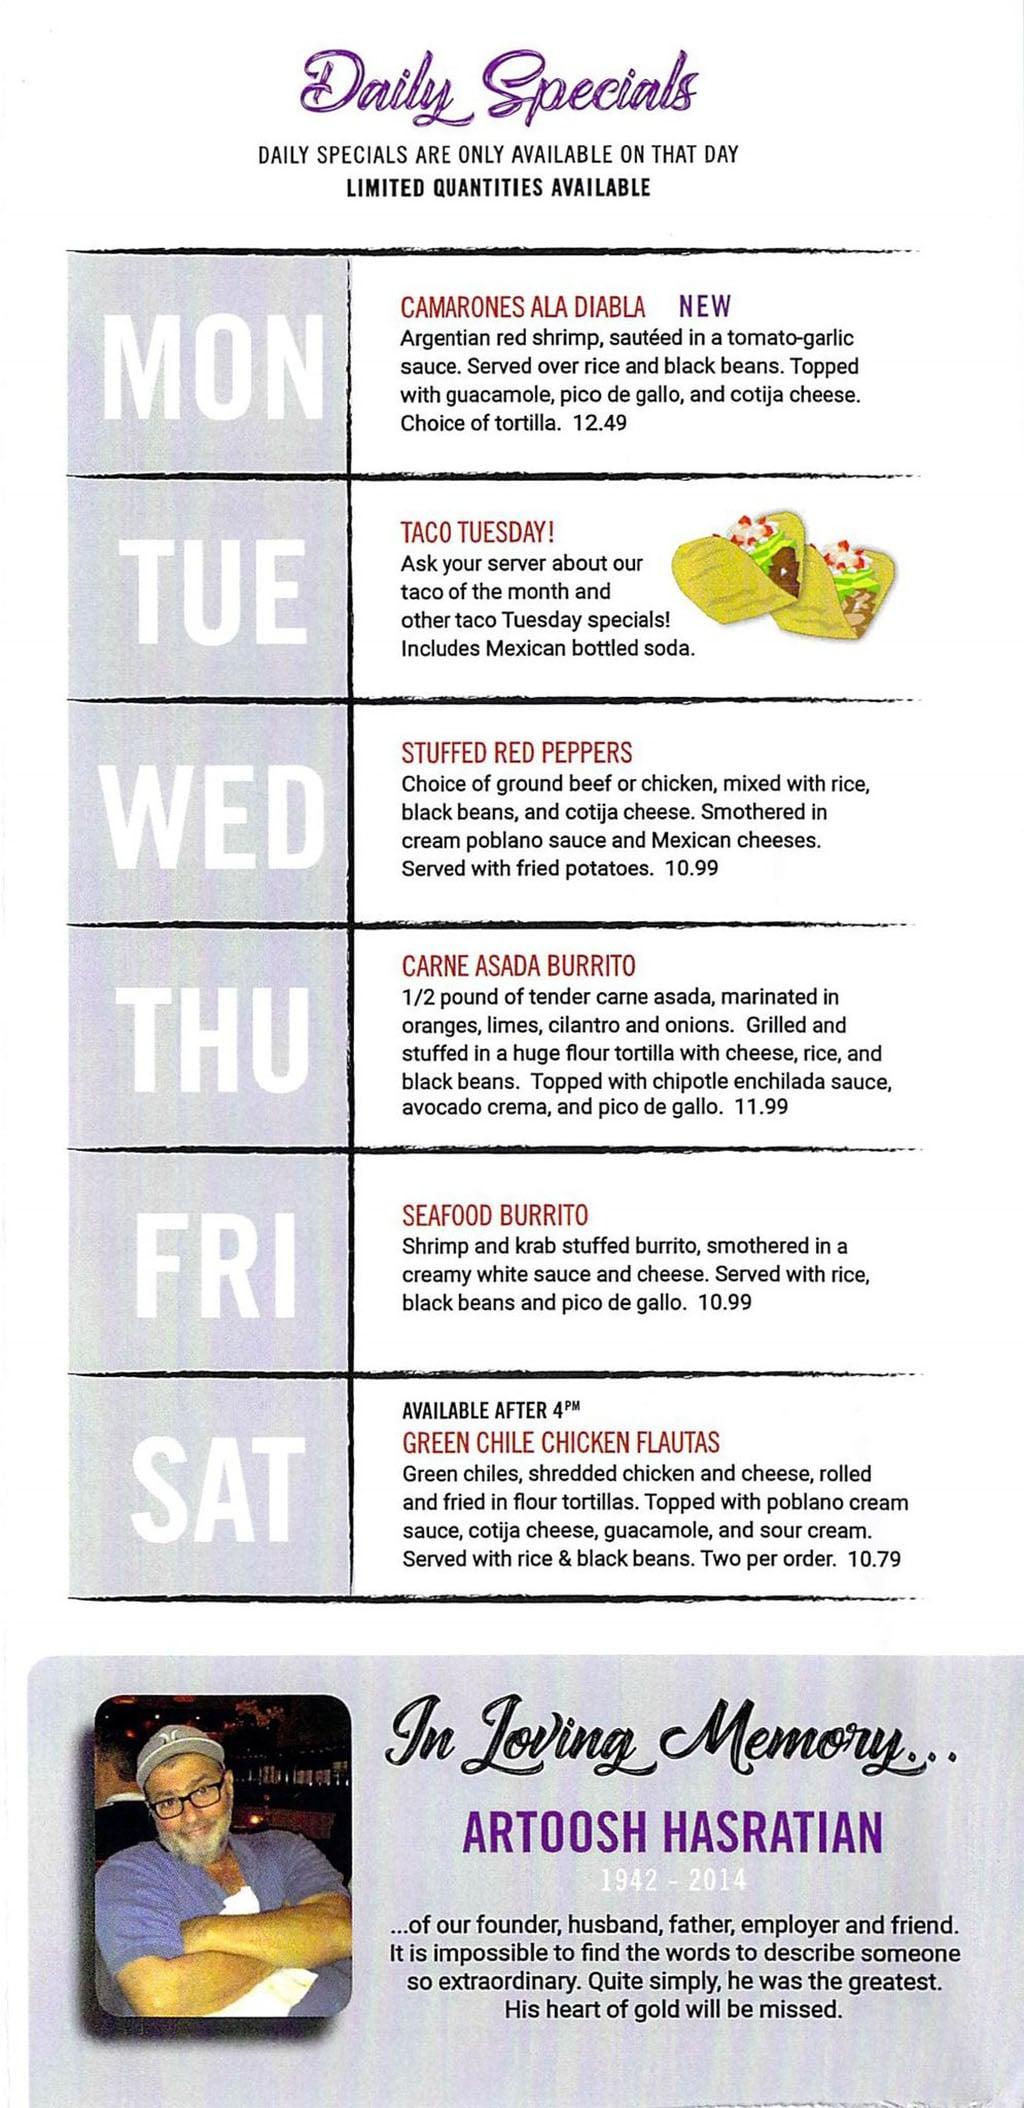 El Matador menu - daily specials